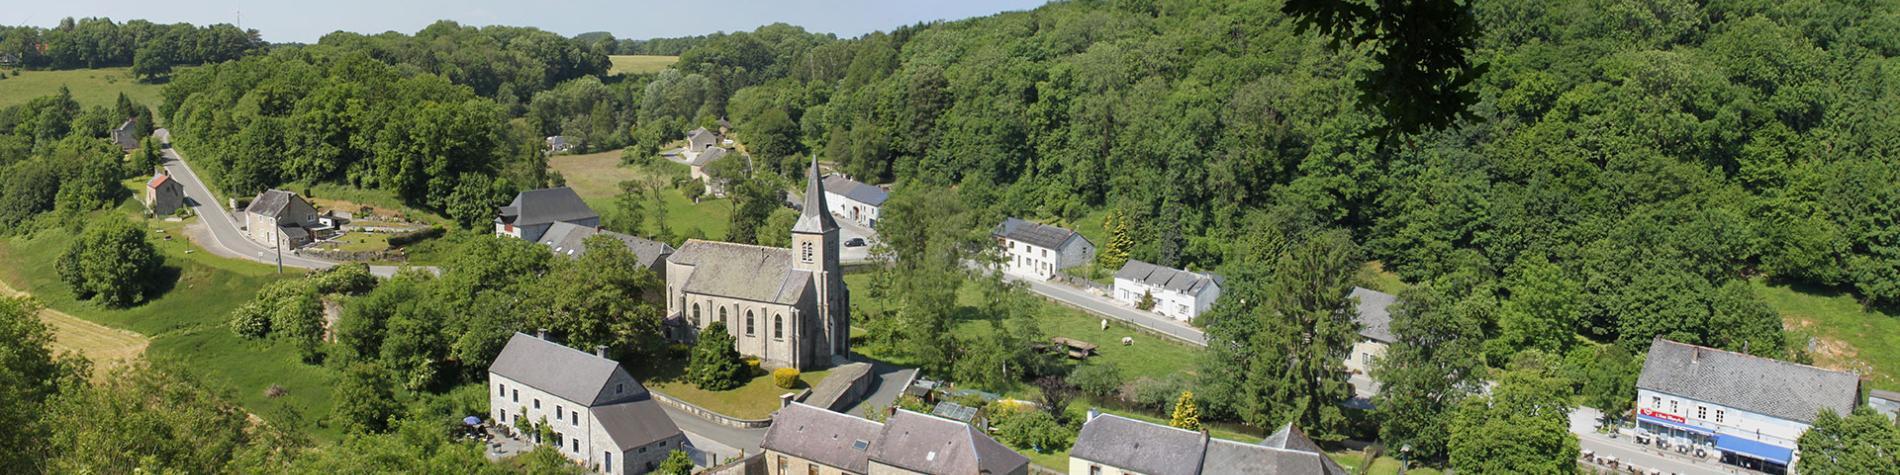 Les plus beaux villages de Wallonie - Lompret - clocher - nature - ciel bleu - paysage